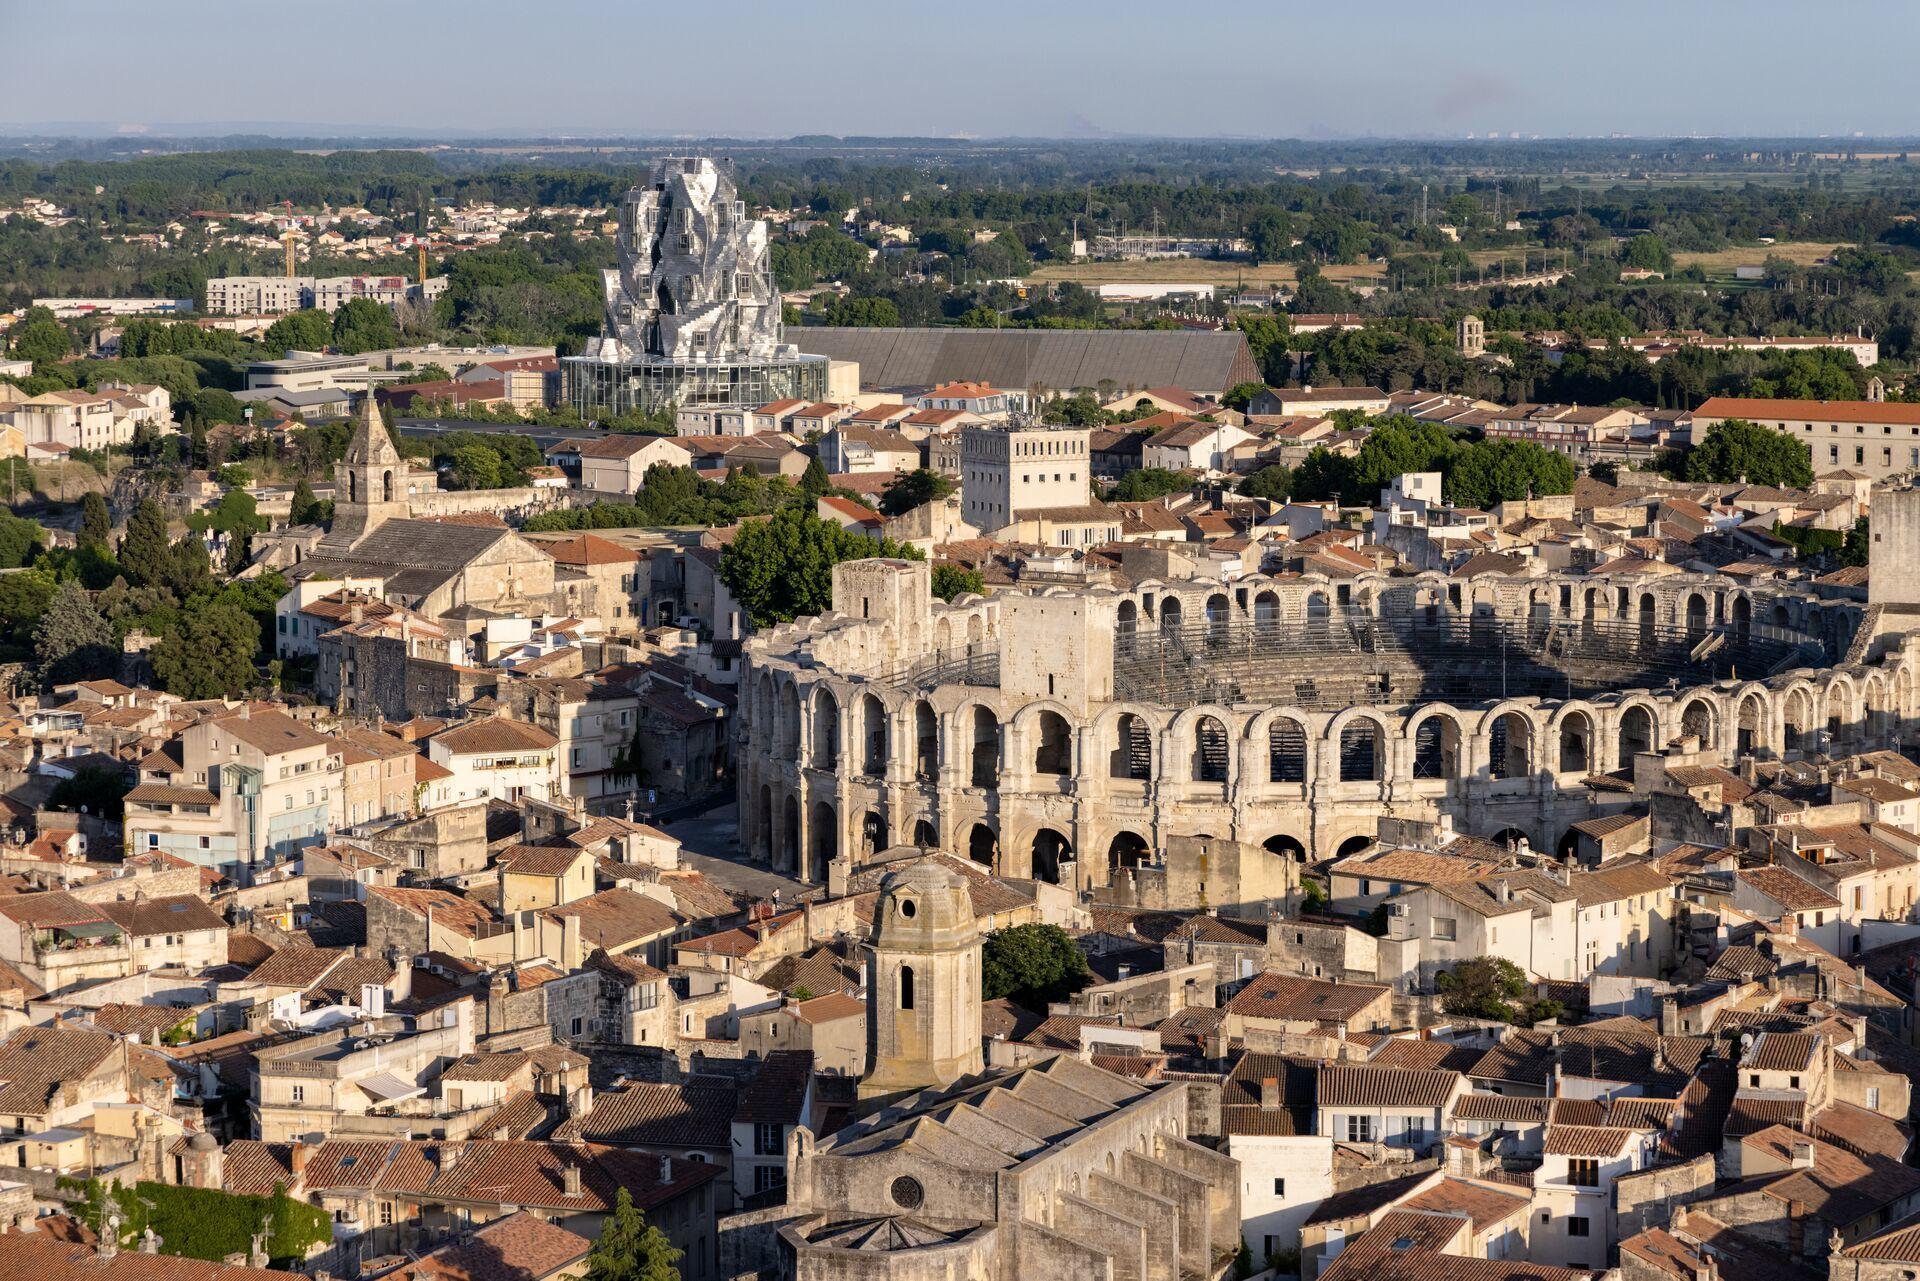 Photo Digital-LUMA Arles FOG 21-05 2270_IWANBAAN.jpg